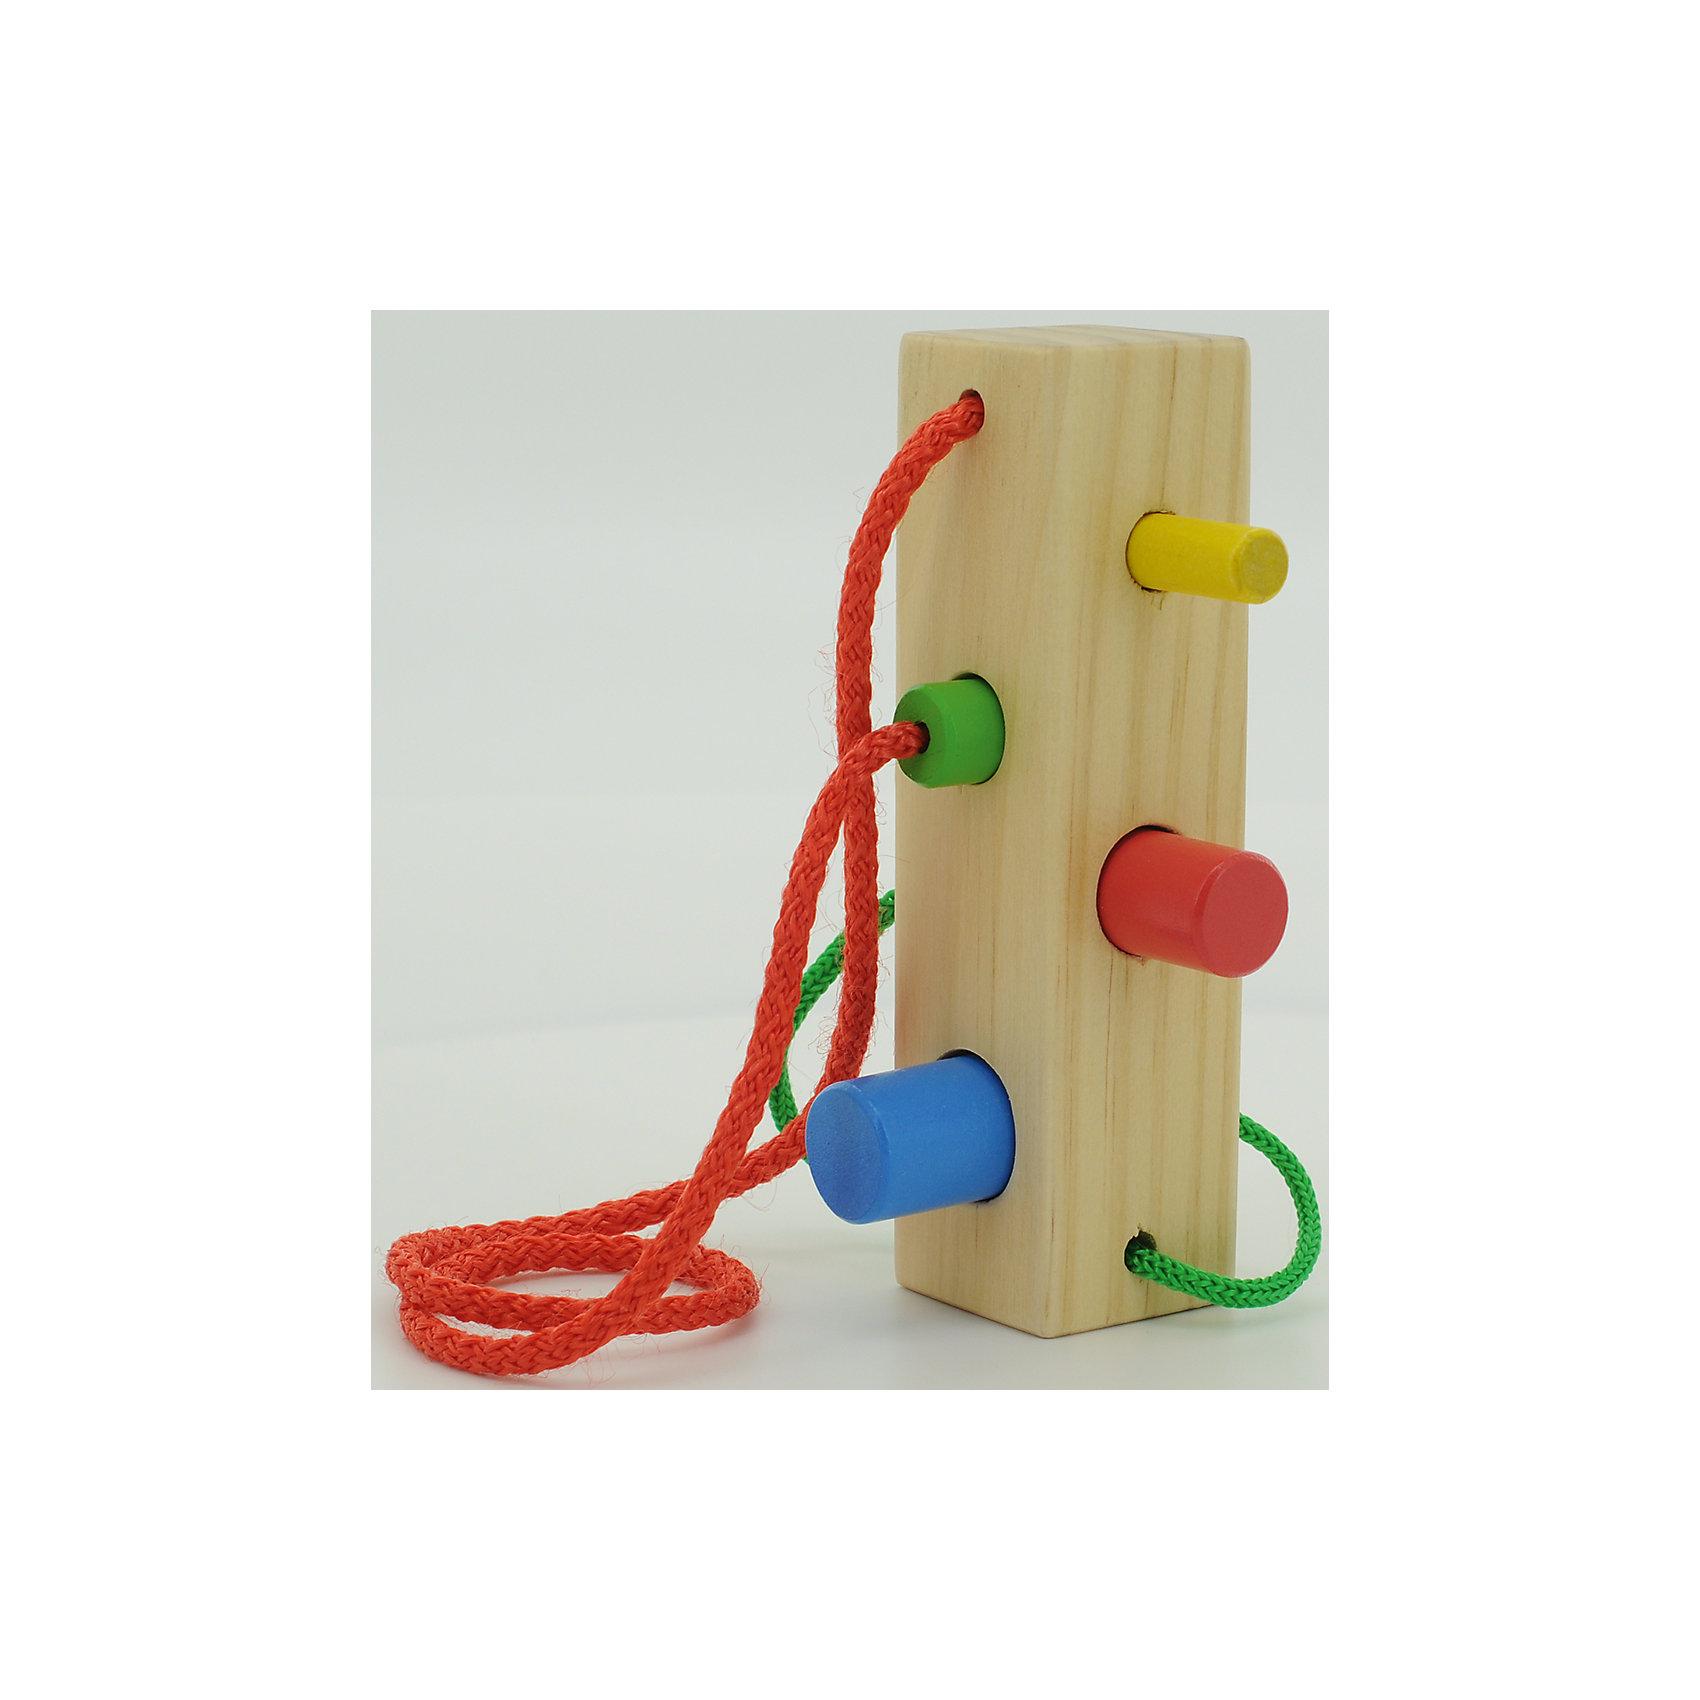 Шнуровка-сортер  Брусочек, Мир деревянных игрушекРазвивающие игрушки помогают малышу быстрее освоить нужные навыки: они развивают мелкую моторику, цветовосприятие, умение логически размышлять, внимание, способность распознавать разные геометрические формы и многое другое.<br>Эта шнуровка-сортер сделана из натурального дерева, отлично обработанного и безопасного для малышей. Игра с ней может надолго занять ребенка!<br><br>Дополнительная информация:<br><br>цвет: разноцветный;<br>материал: дерево;<br>размер упаковки: 10 х 14 х 10 см.<br><br>Шнуровку-сортер Брусочек от компании Мир деревянных игрушек можно купить в нашем магазине.<br><br>Ширина мм: 95<br>Глубина мм: 140<br>Высота мм: 95<br>Вес г: 138<br>Возраст от месяцев: 36<br>Возраст до месяцев: 2147483647<br>Пол: Унисекс<br>Возраст: Детский<br>SKU: 4976692